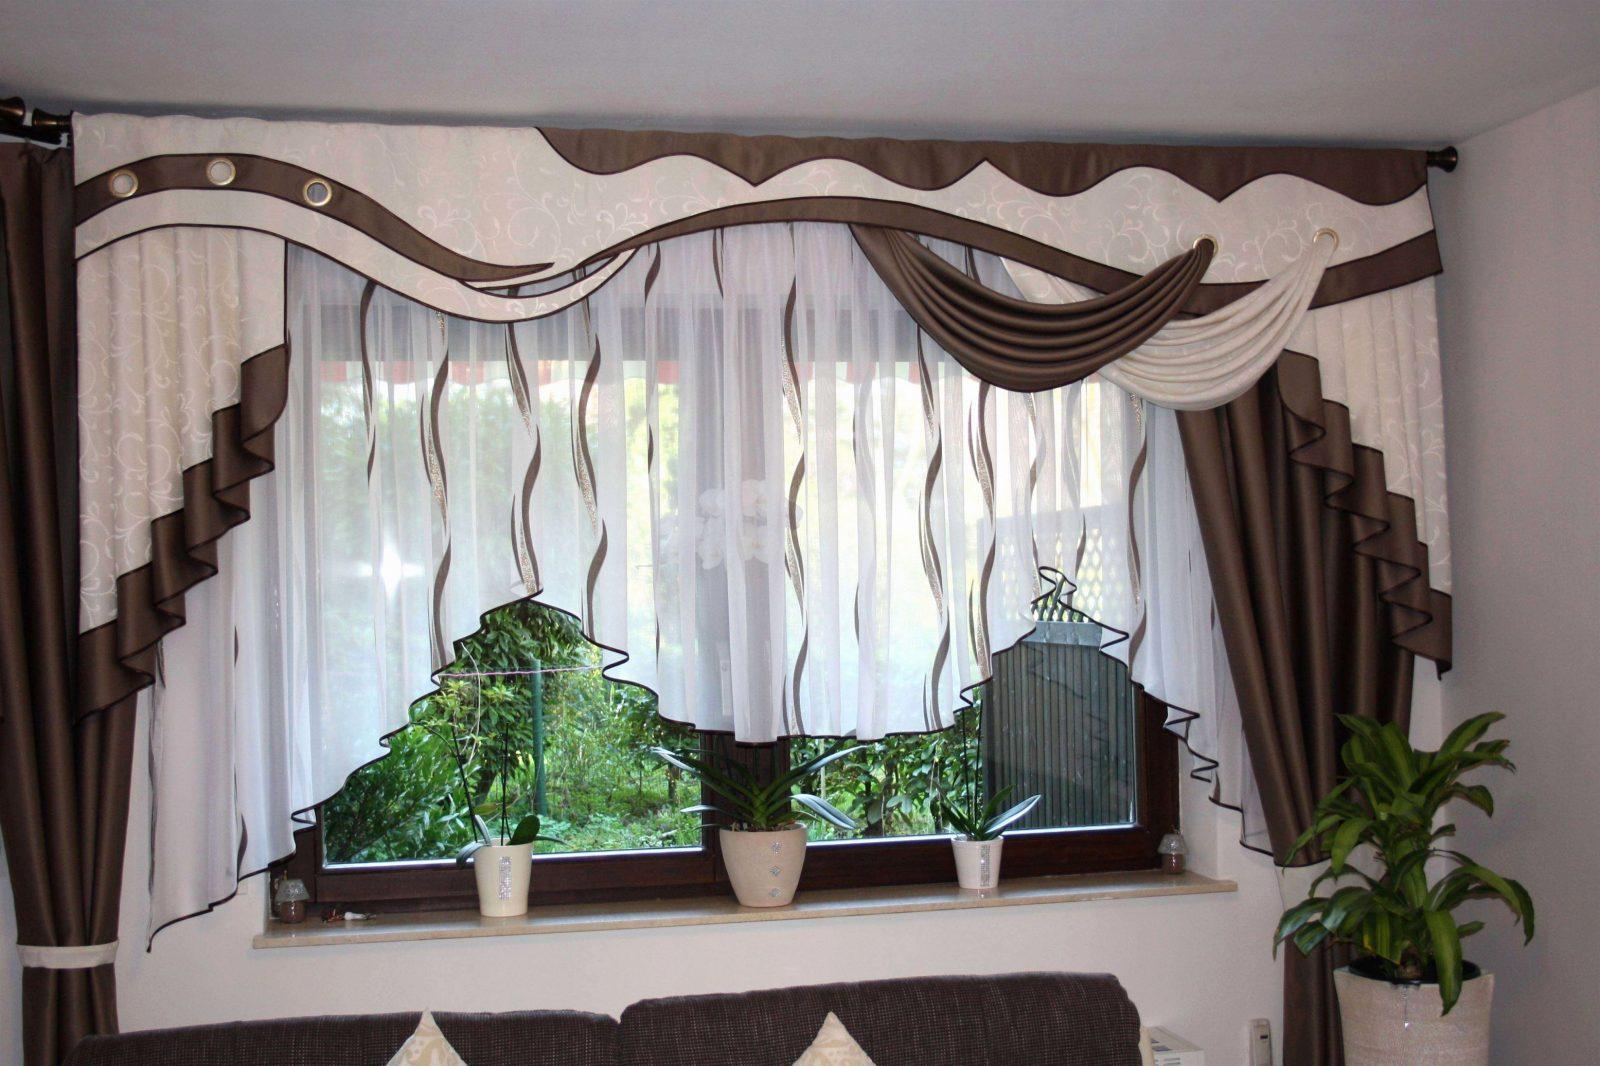 Insektenschutz Vorhang Inspirierend 55 Sammlung Von Gardinen Für von Gardinen Für Terrassentür Und Fenster Bild